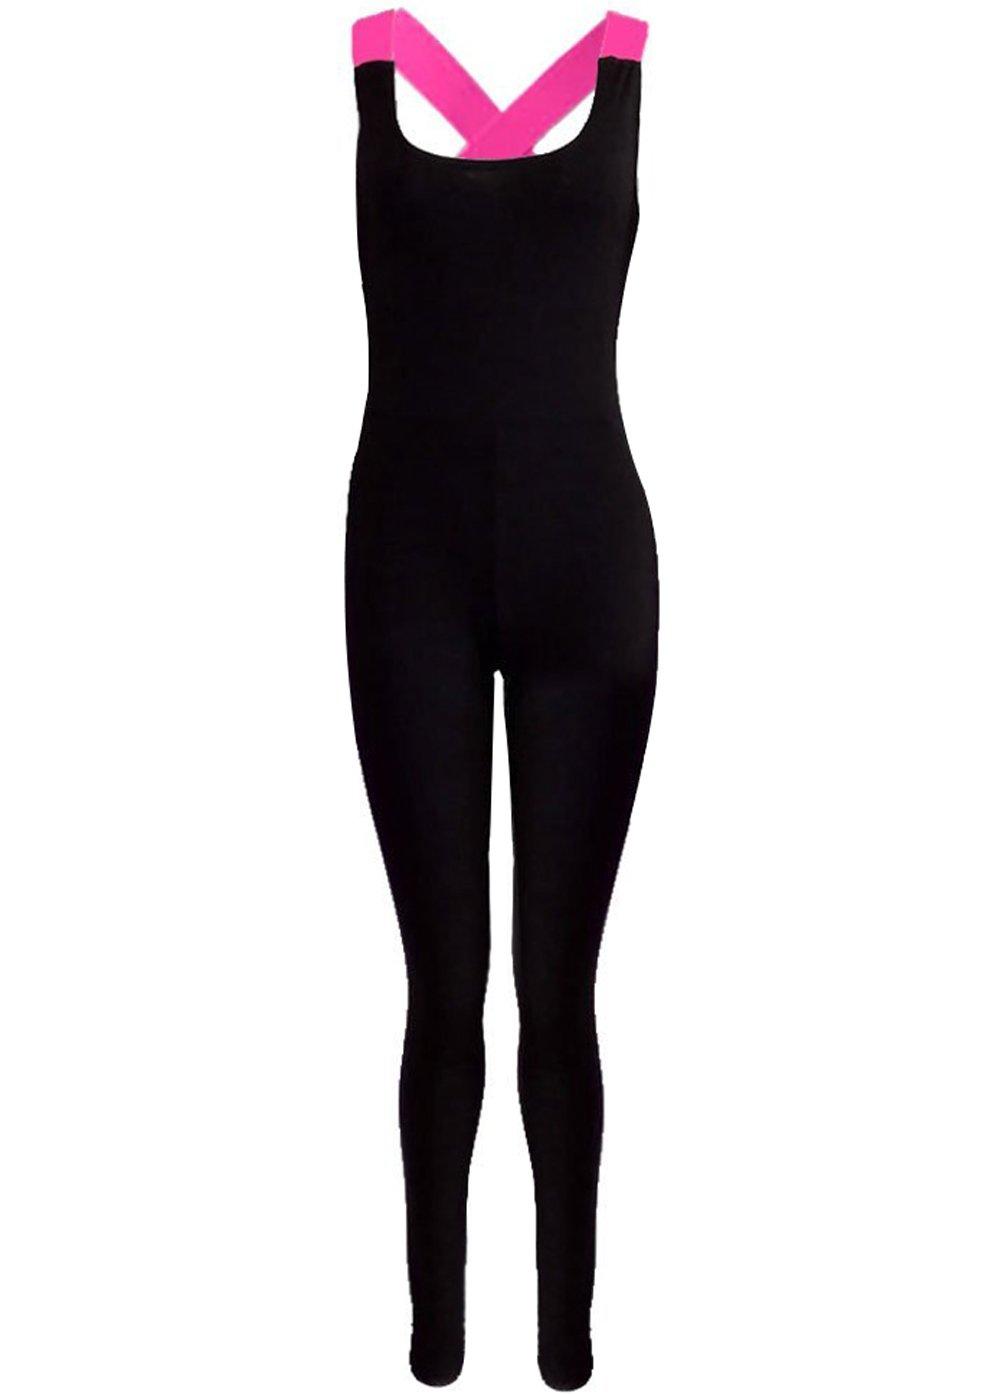 Minetom Femme Été sans Manches Pantalons de Sport Yoga Élastique Combinaison Salopette Collants Course Gym Fitness JD170710BY-DE27